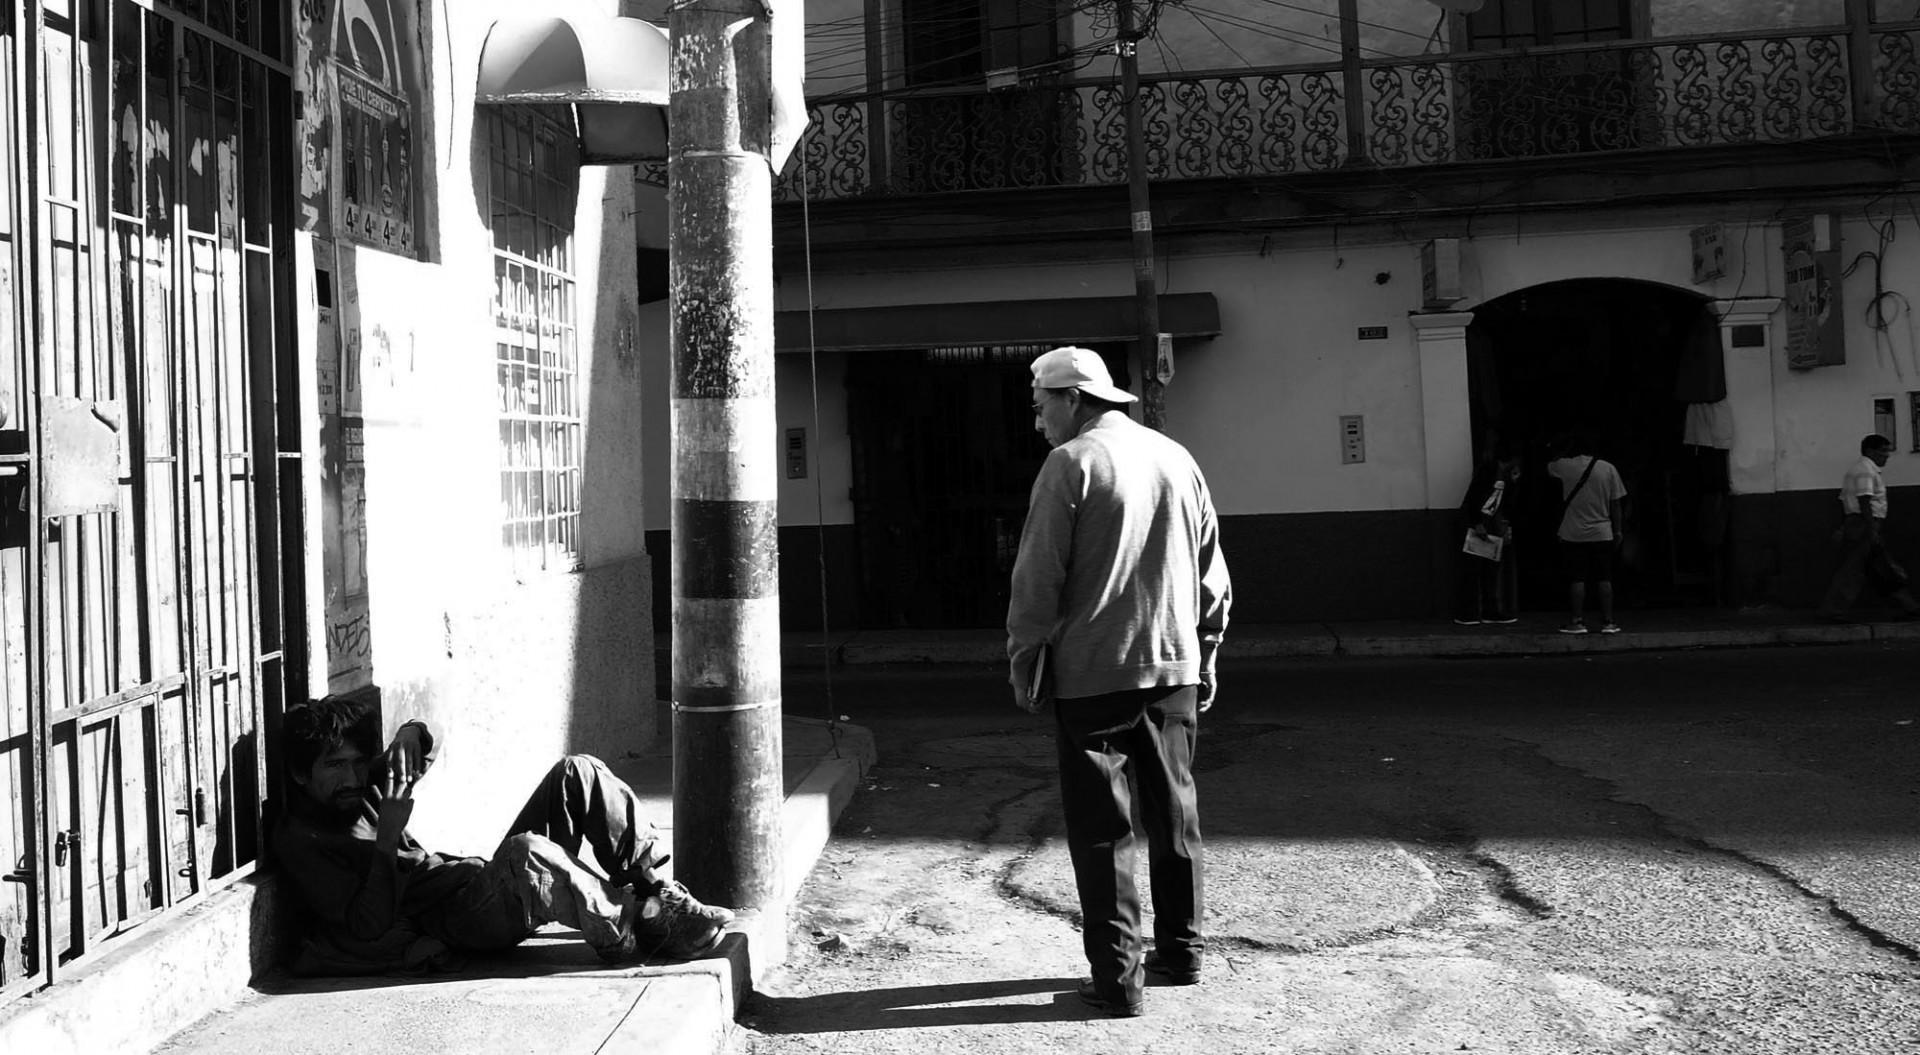 La economía luce dinámica, pero al igual que en todo Latinoamérica, la pobreza se asoma.